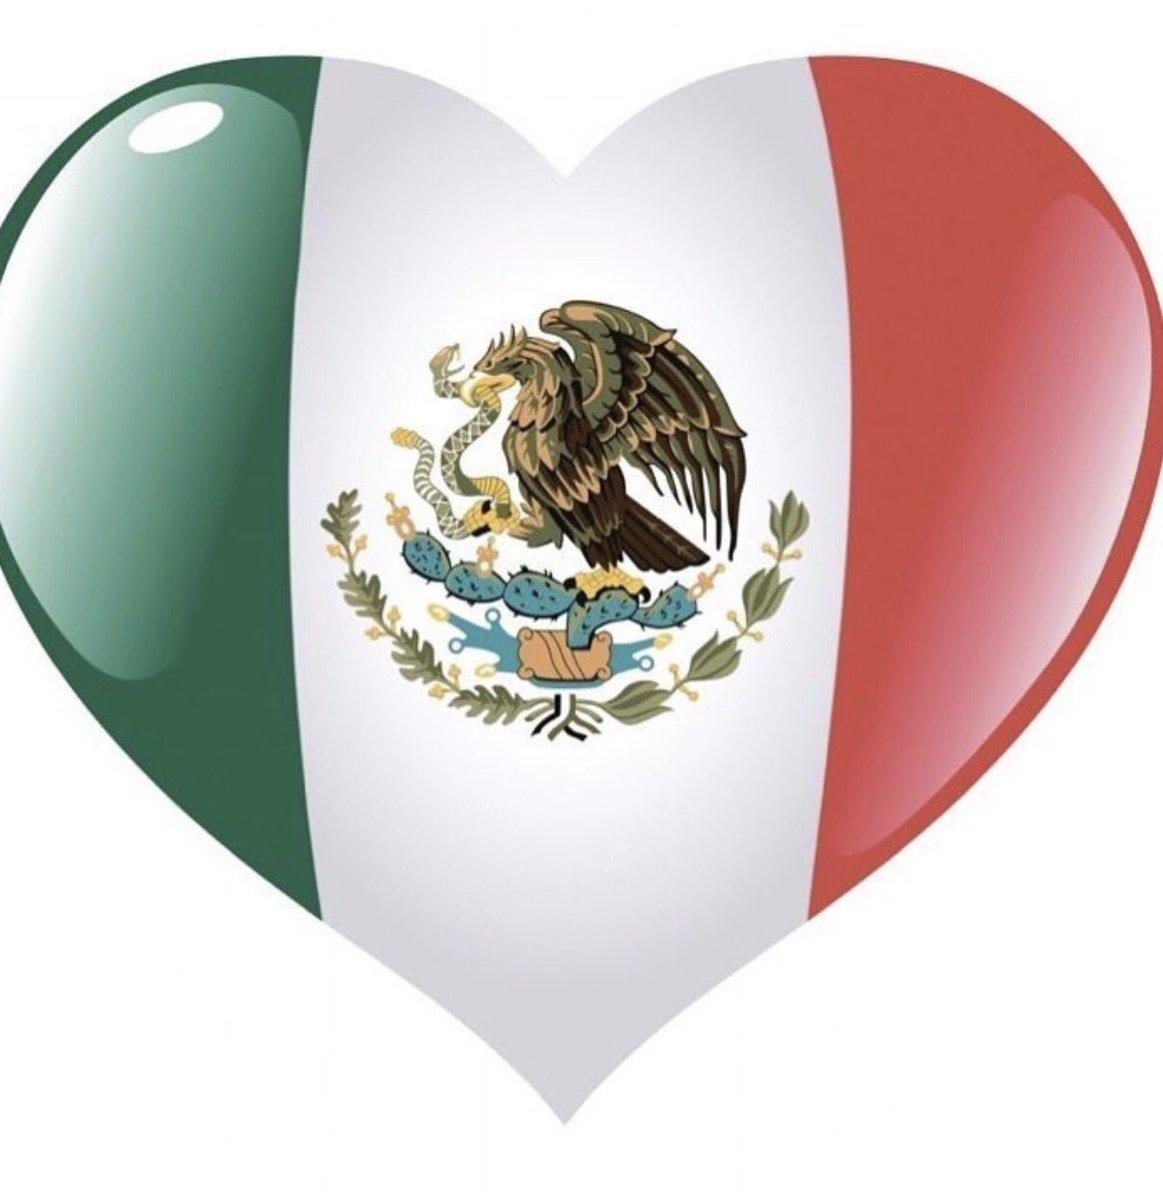 CANCELADOS los juegos de copa  pray for mexico